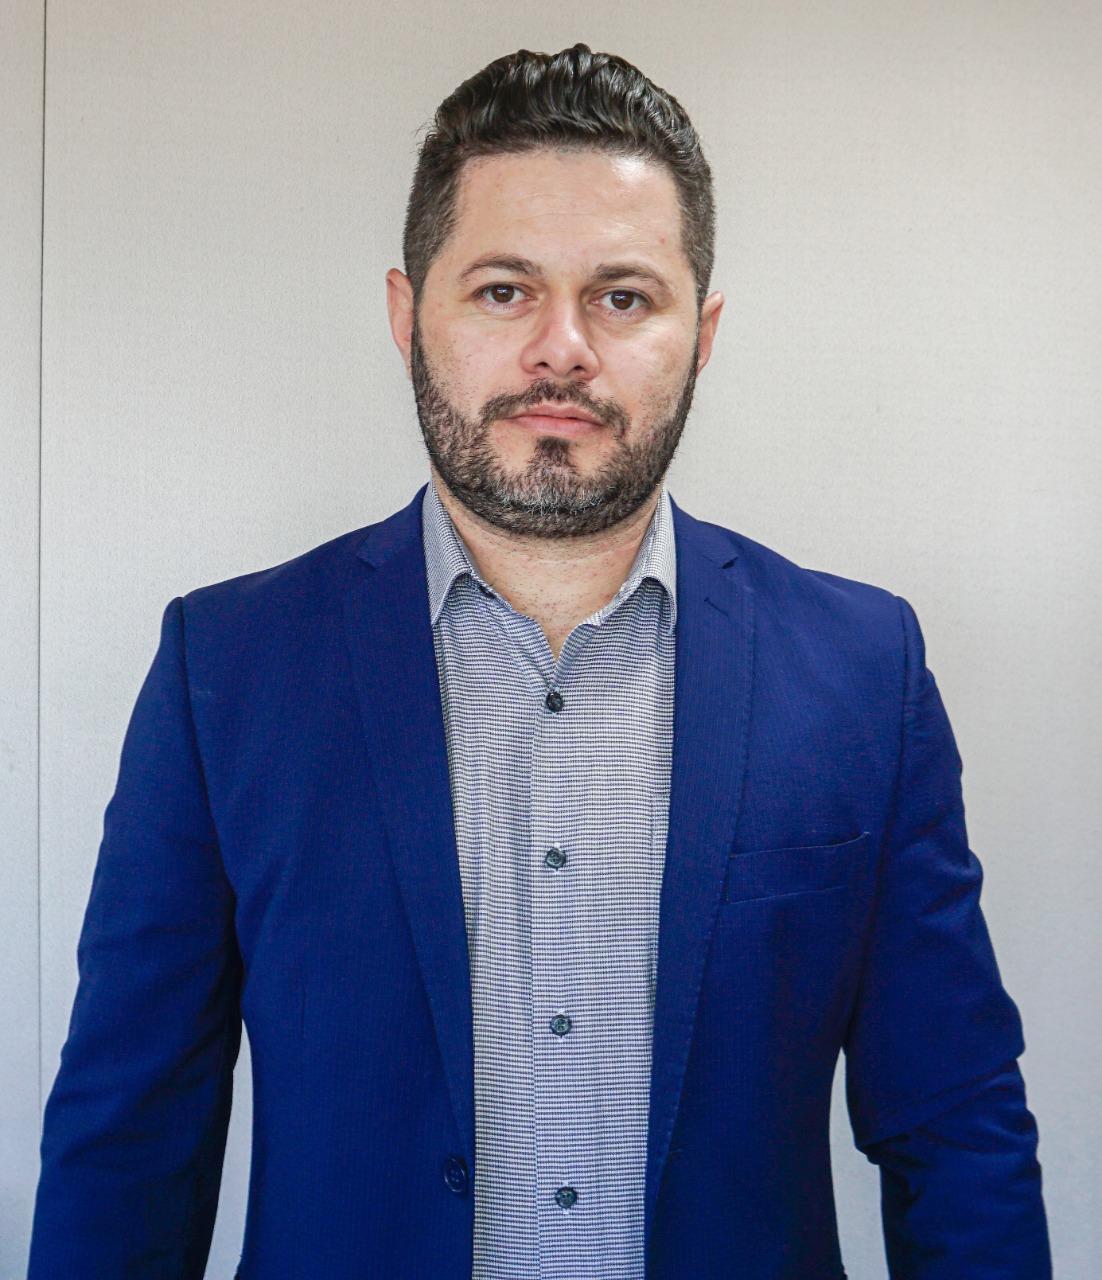 Marcos Teixeira Wanderley